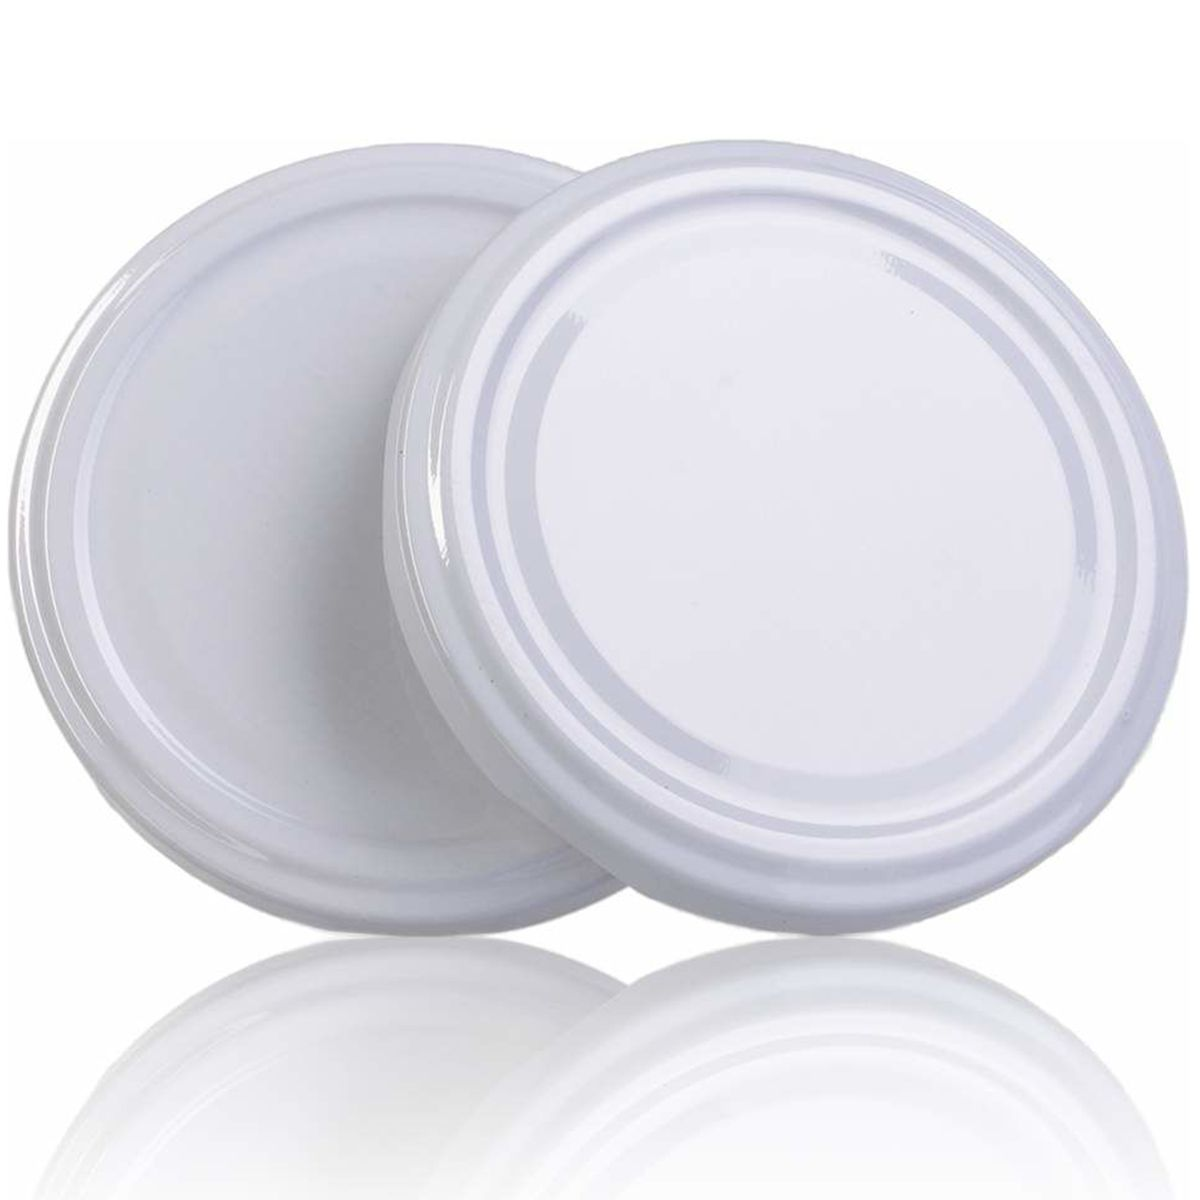 24 Potes De Vidro Sextavado 170 Ml C0m Tampa Branca + Lacre  - EMPÓRIO PACK